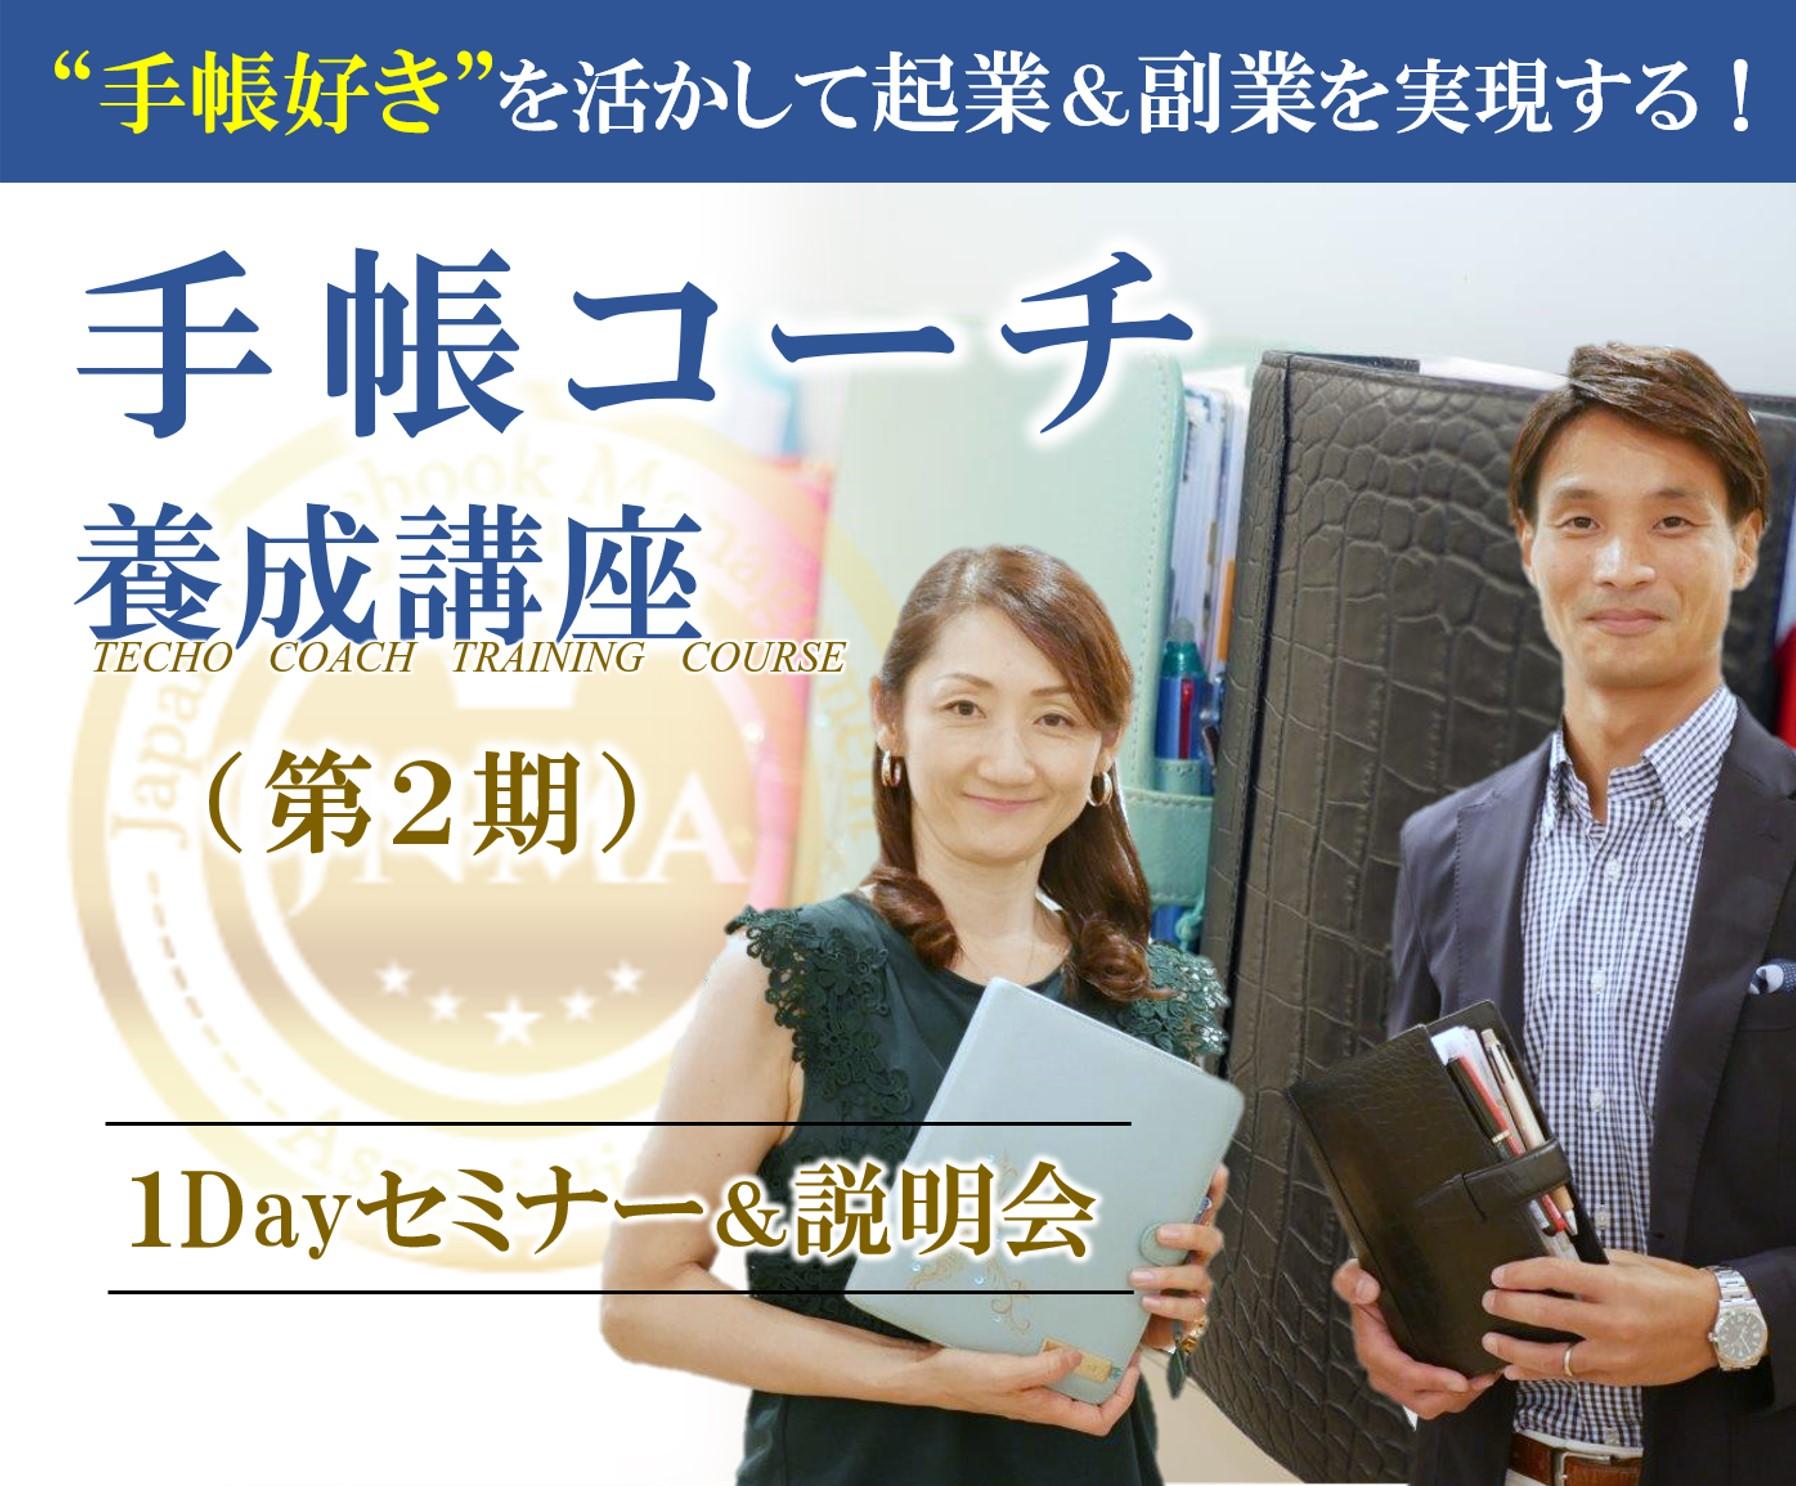 手帳コーチ養成講座(第2期)1Dayセミナー&説明会